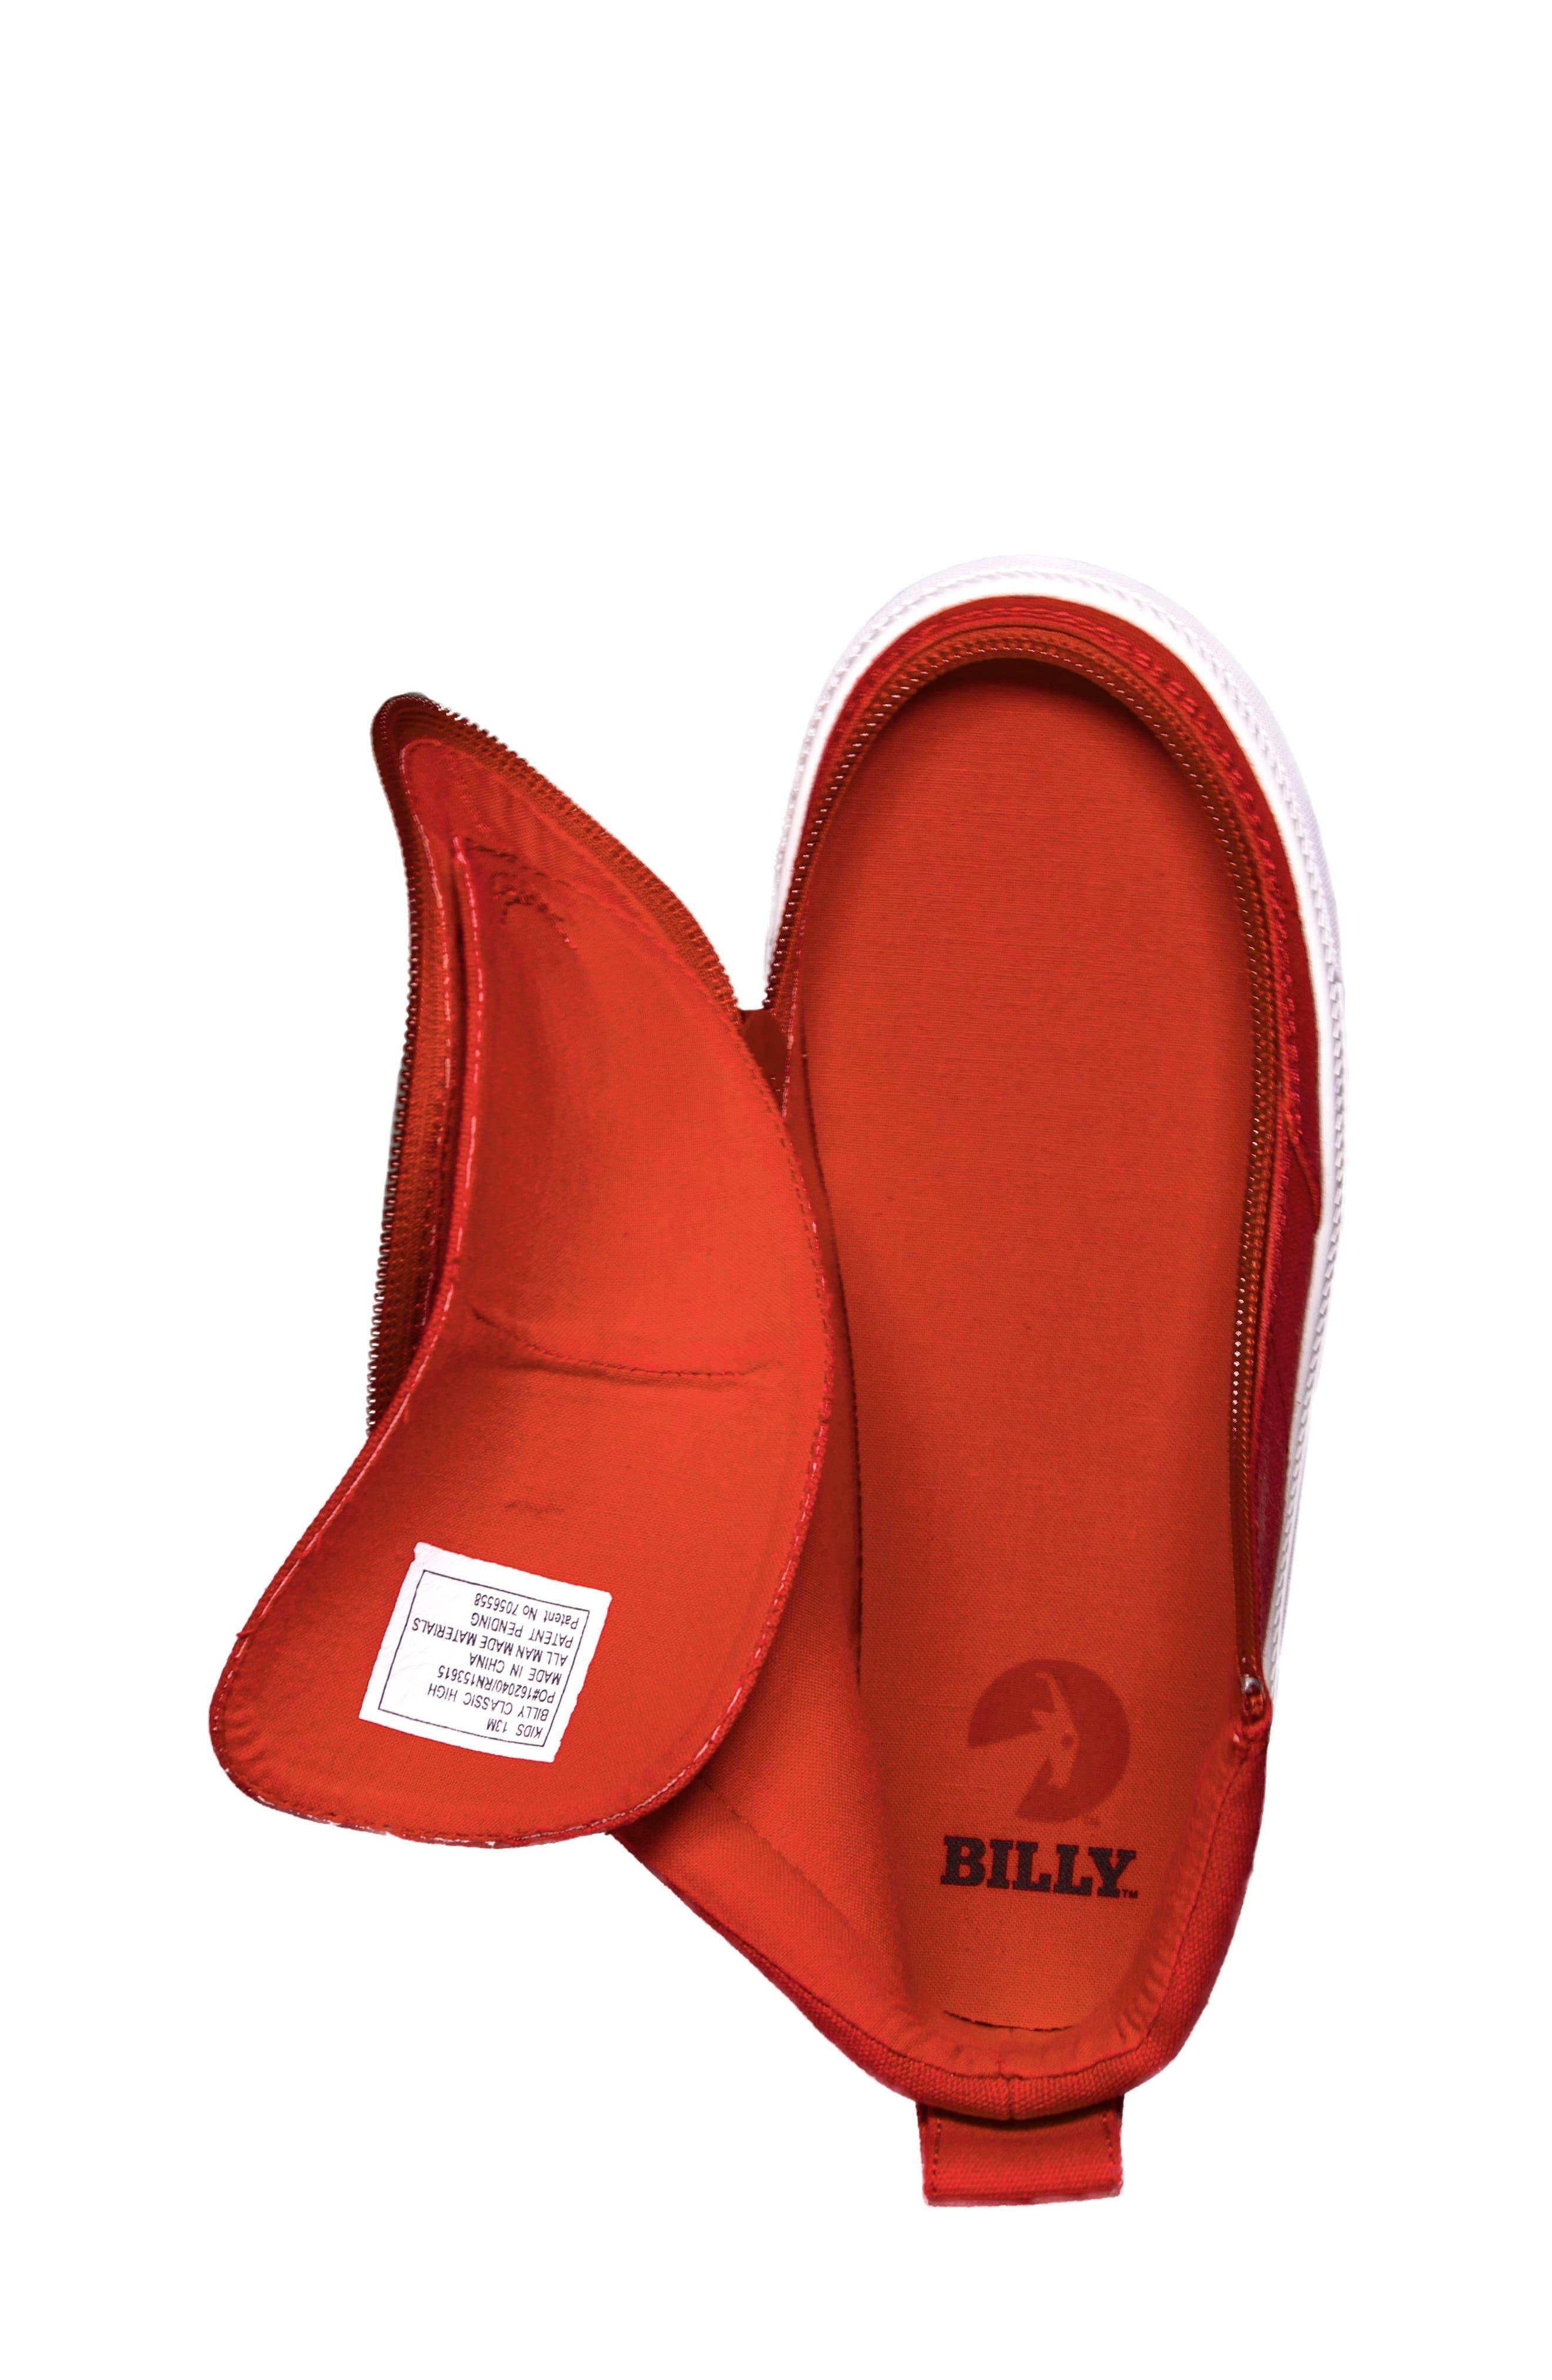 Alternate Image 4  - BILLY Footwear Zip Around High Top Sneaker (Toddler, Little Kid & Big Kid)